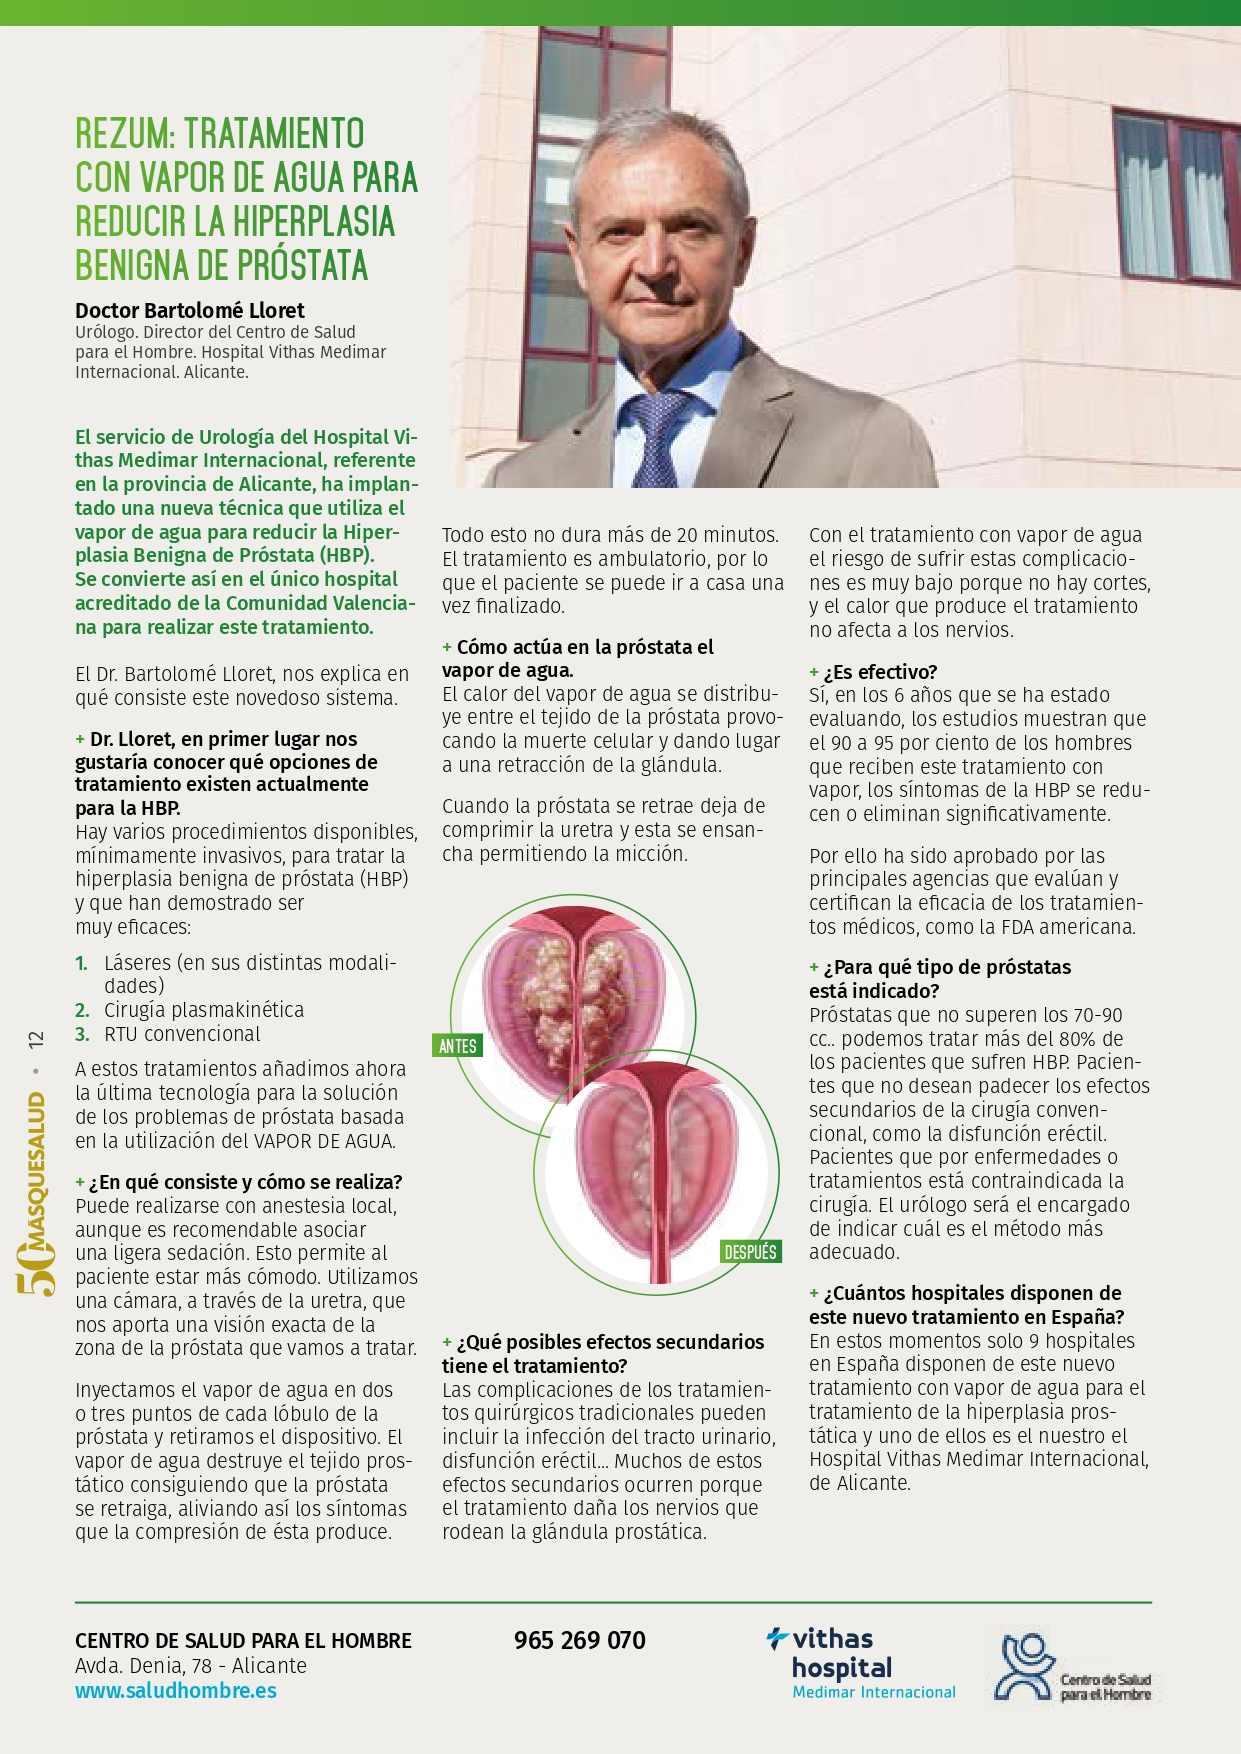 tratamiento de vapor de próstata